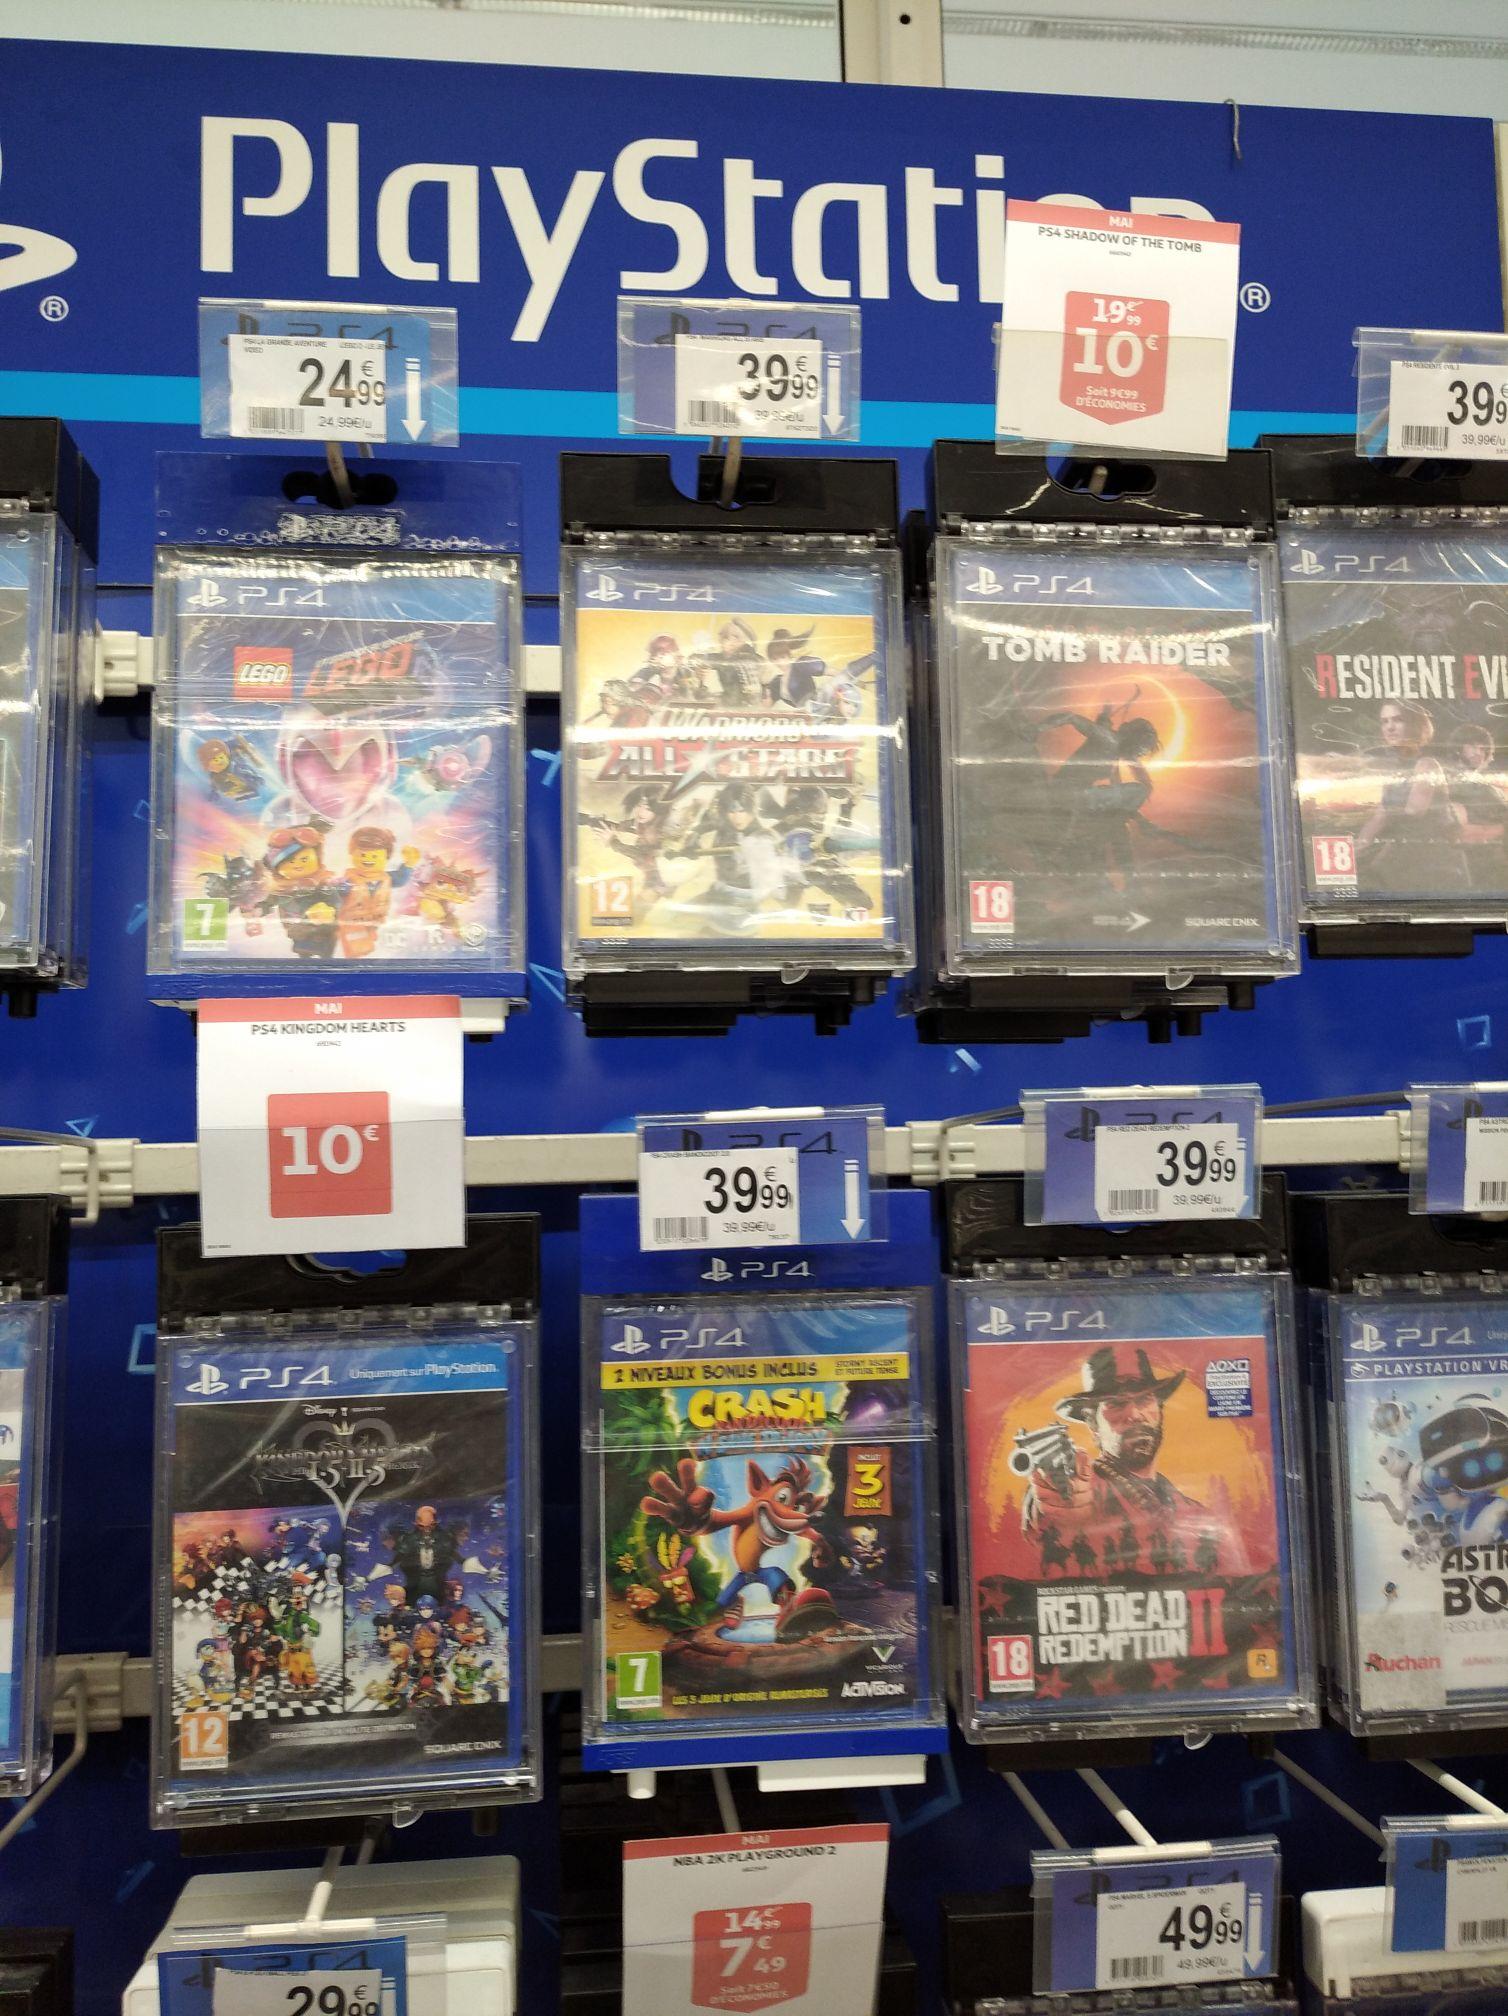 Sélection de jeux vidéo PS4 à 10€ - Montauban (82)